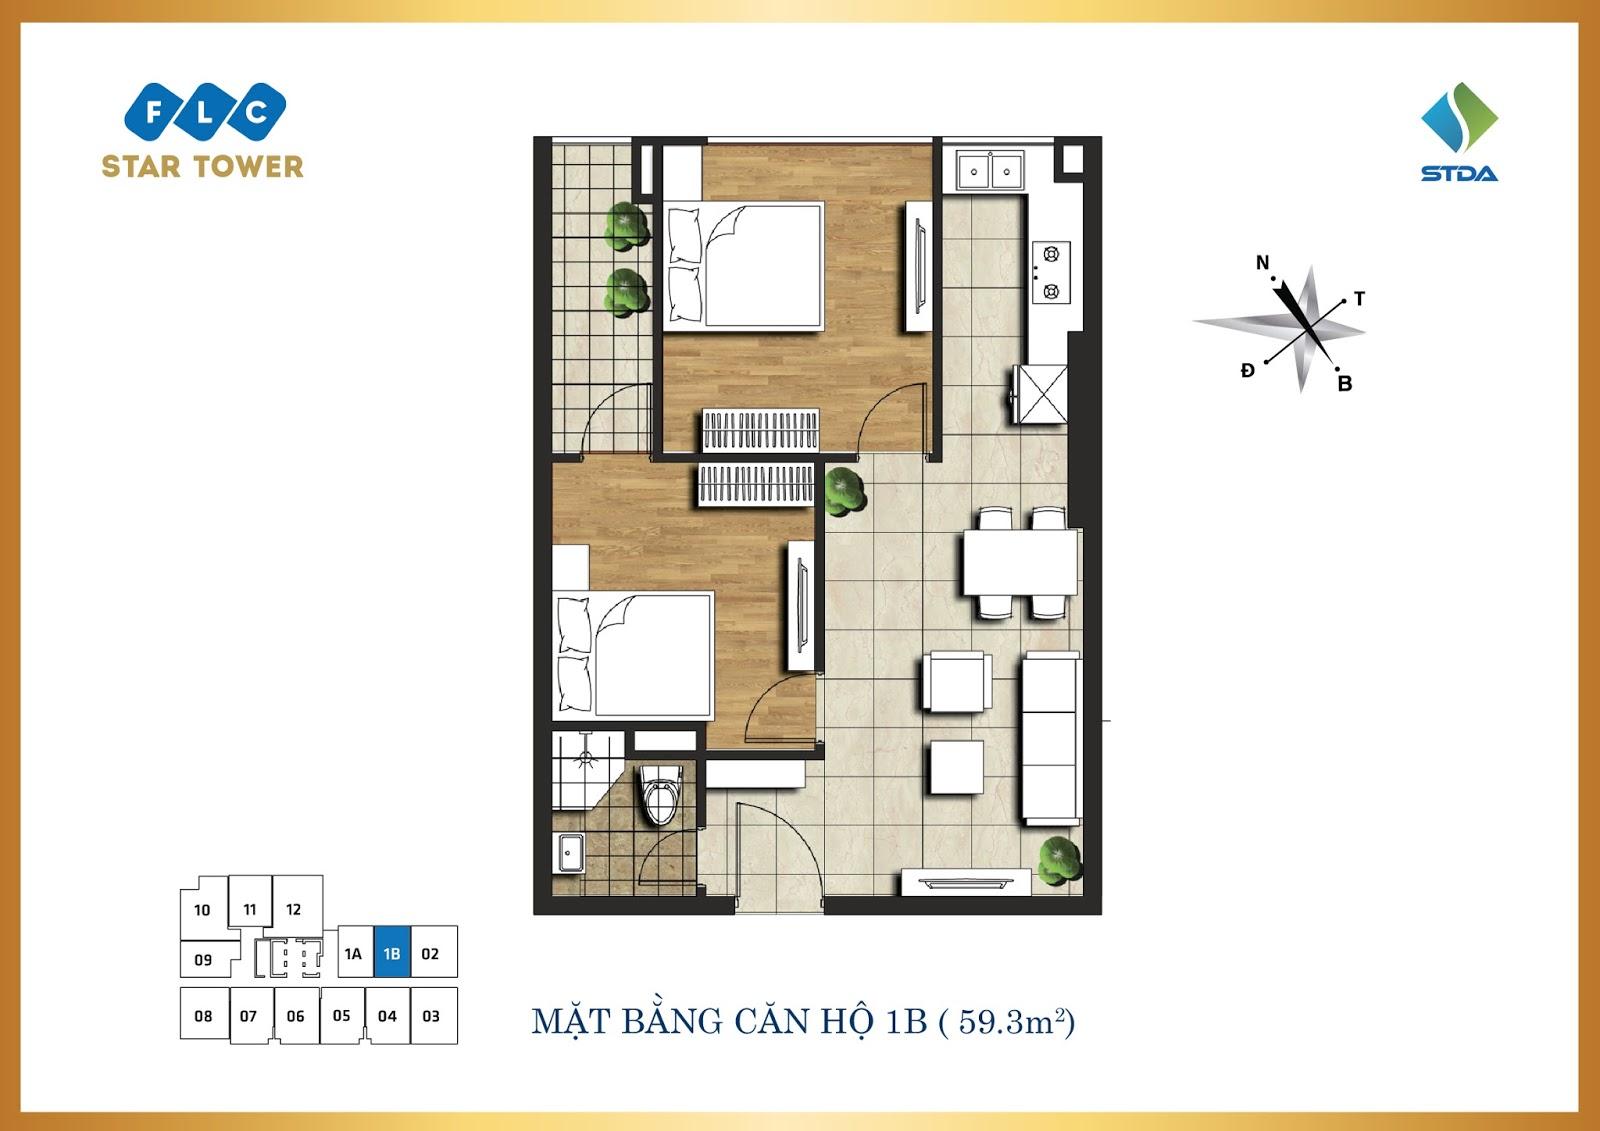 Thiết kế căn hộ 1B - Chung cư FLC Star Tower